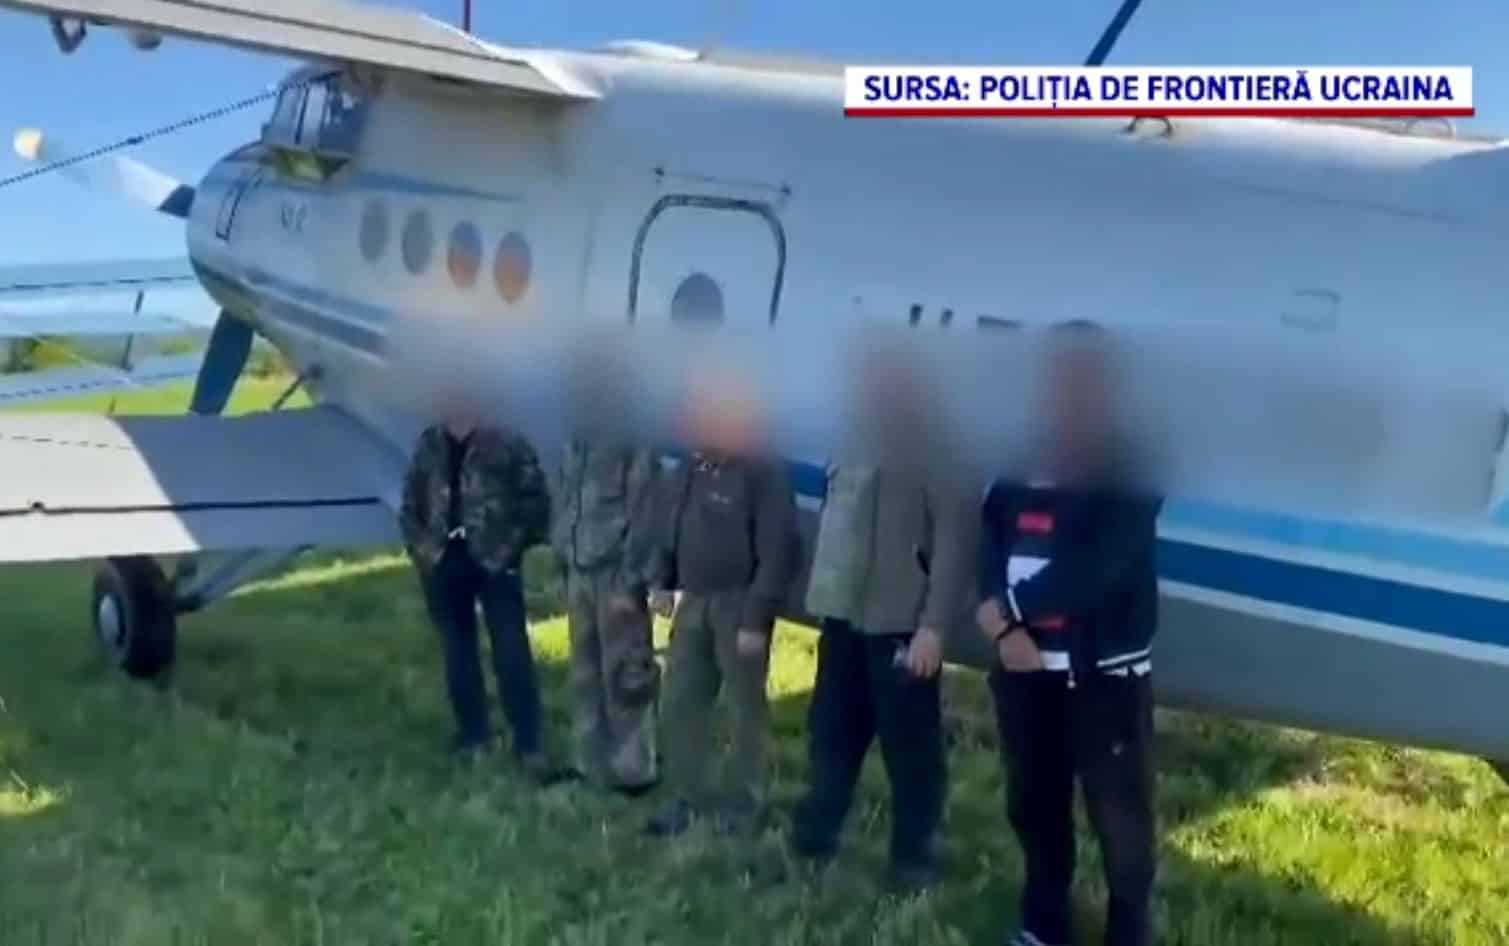 Avion de vânătoare MiG-29 ridicat la granița cu România pentru a intercepta o aeronavă An-2 suspectă de contrabandă cu țigări